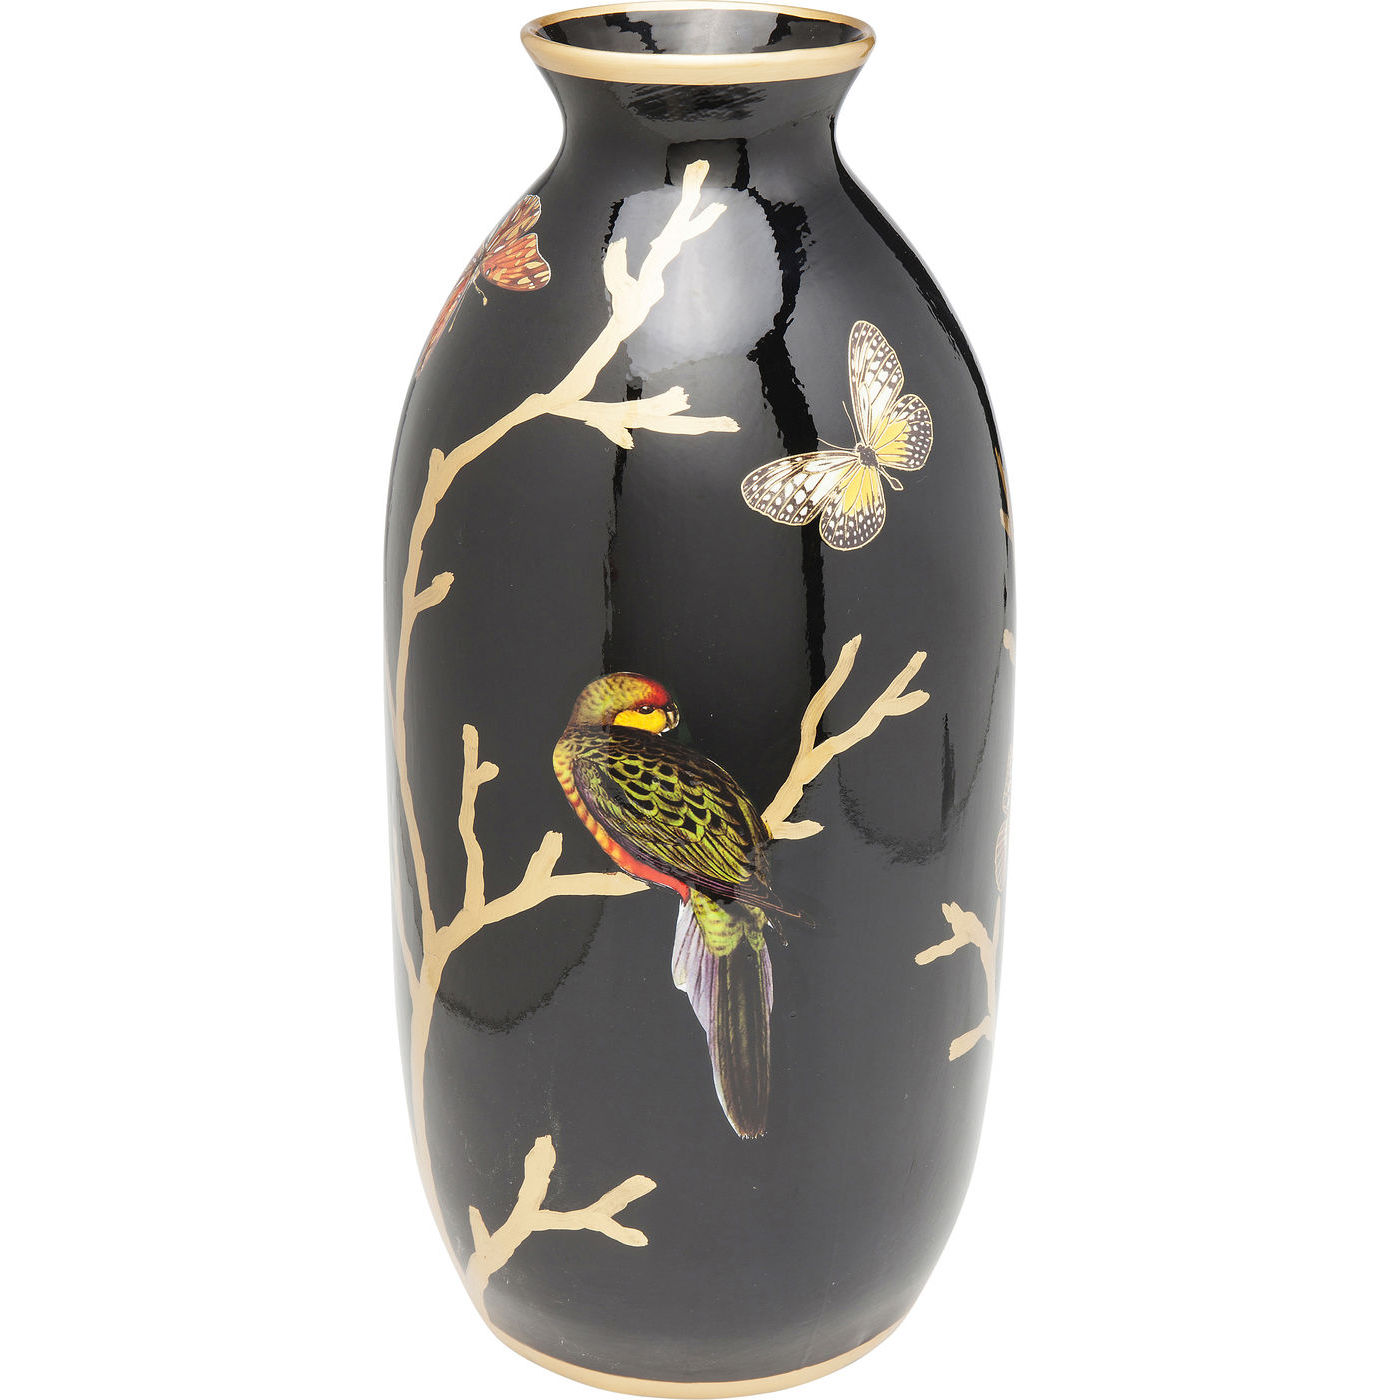 kare design – Kare design menagerie vase - multifarvet porcelæn, håndmalet (44cm) fra boboonline.dk